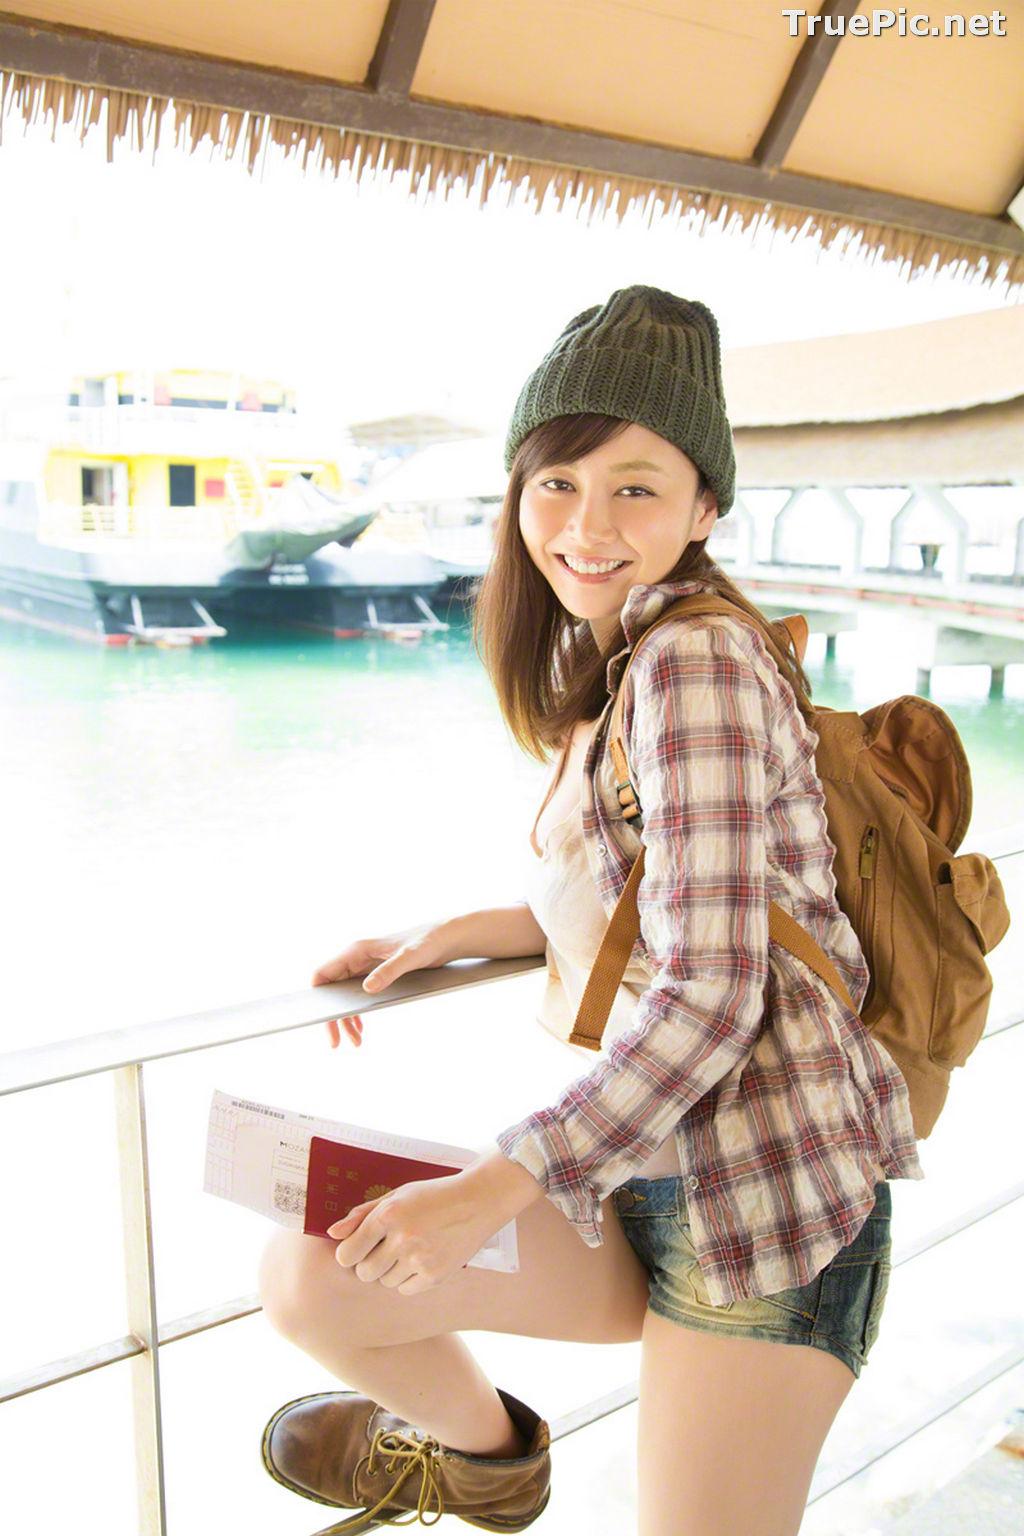 Image Wanibooks No.128 - Japanese Gravure Idol - Anri Sugihara - TruePic.net - Picture-2